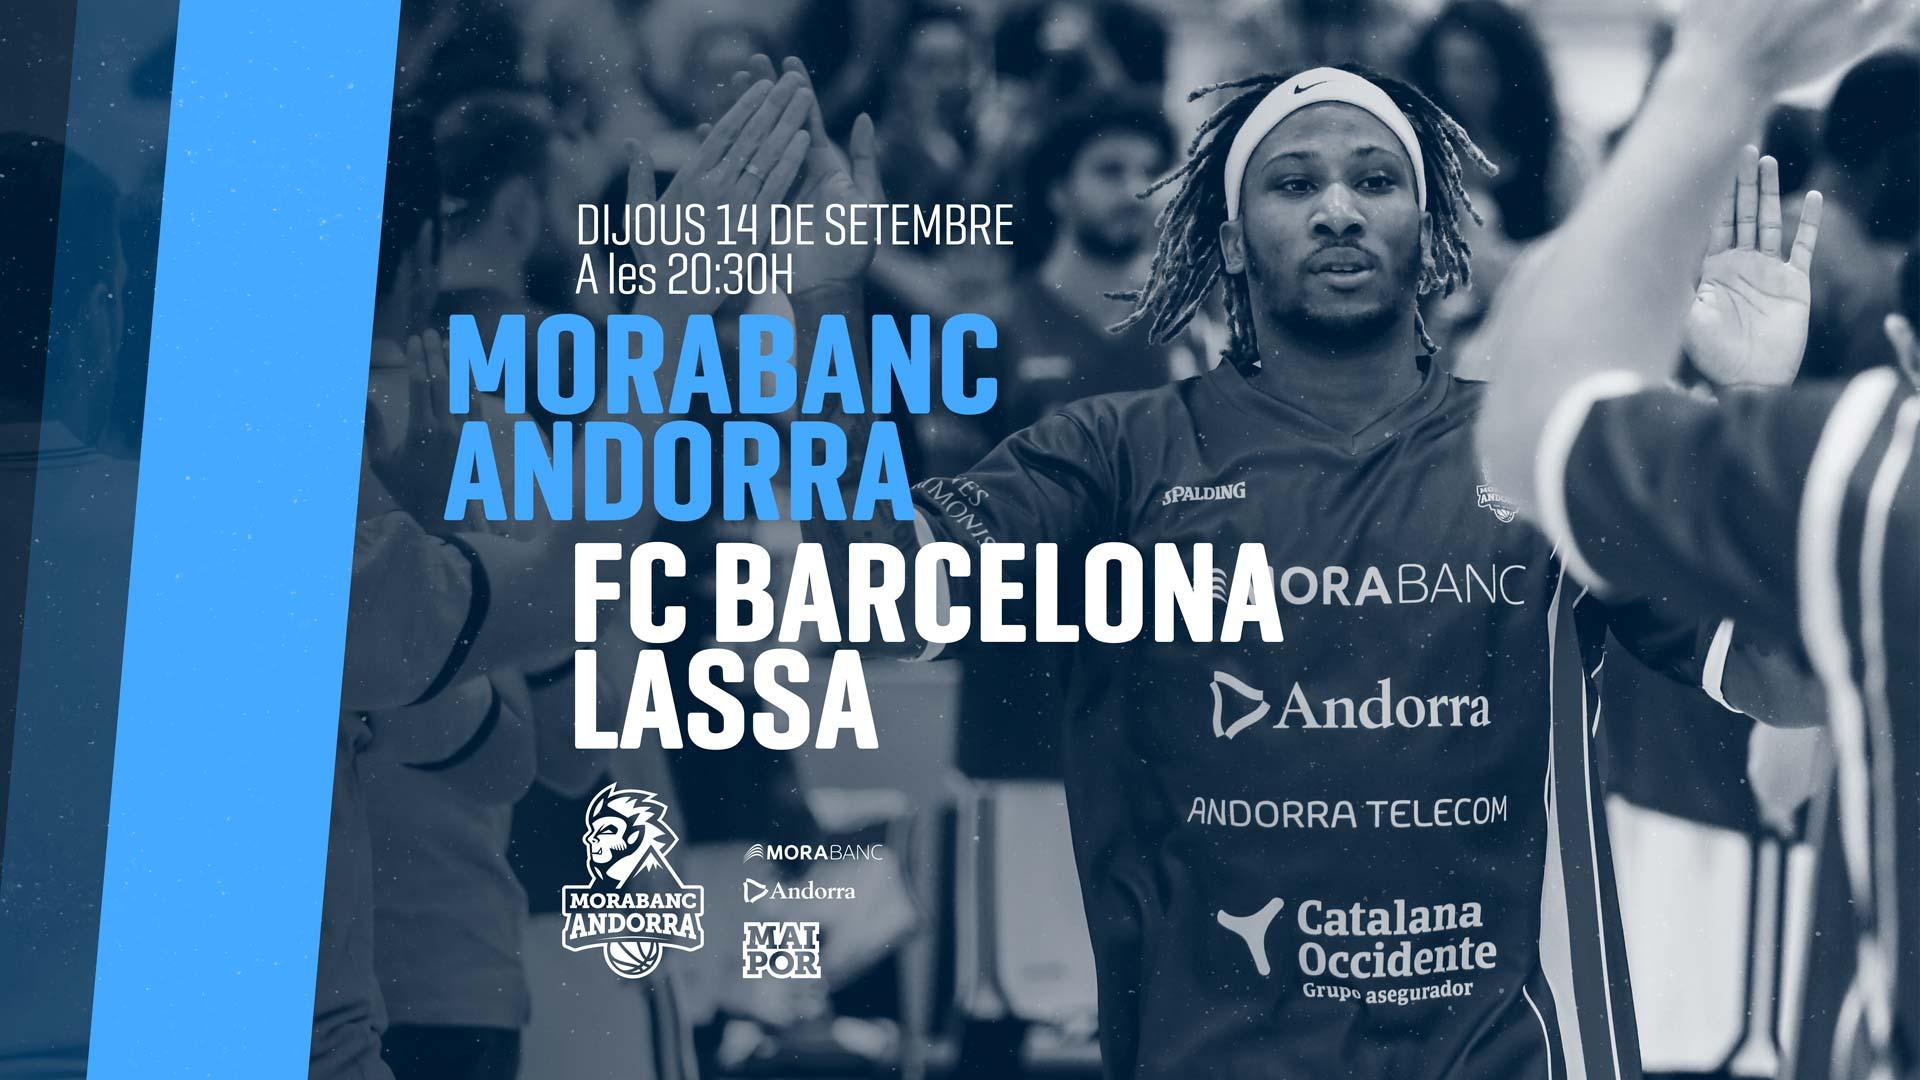 Rediseño Marca e Identidad Corporativa Morabanc Andorra - Anuncio